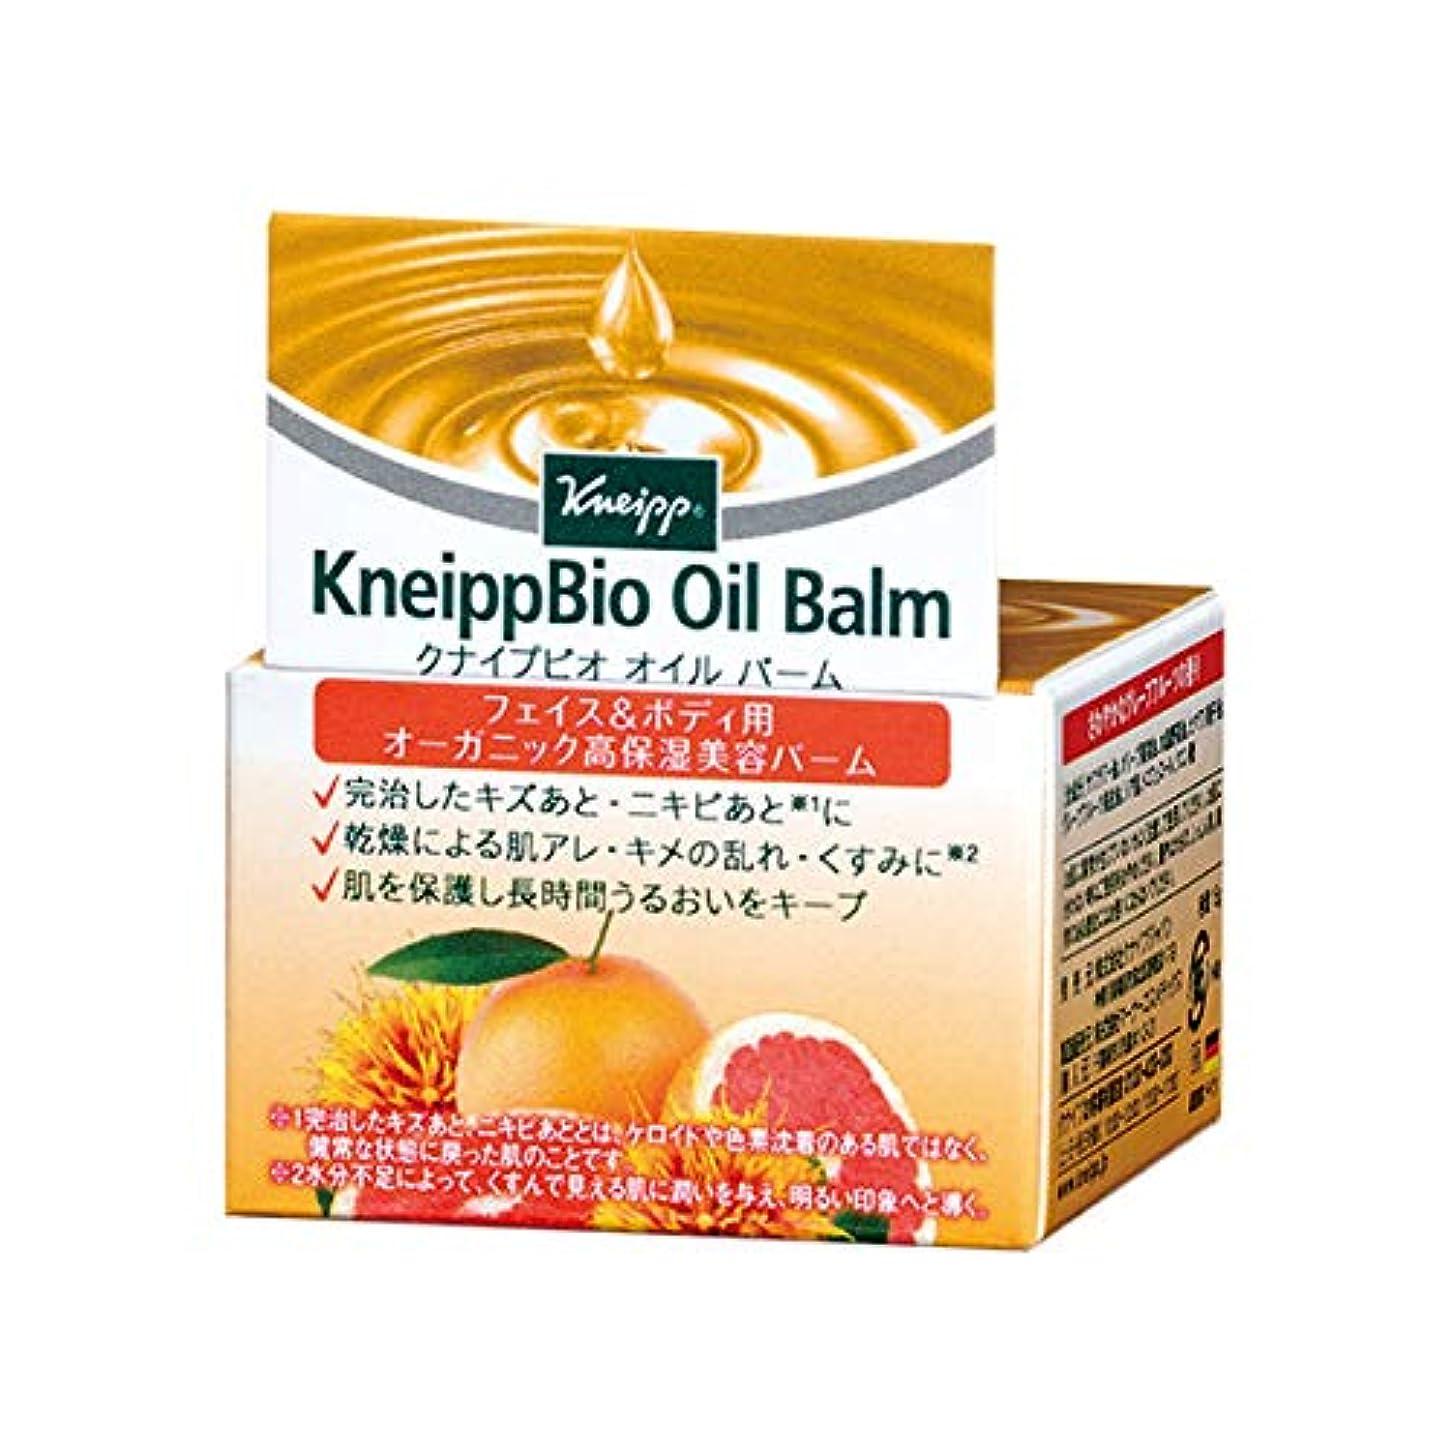 熱心無謀発生するクナイプ(Kneipp) クナイプビオ オイル バーム 15g 美容液